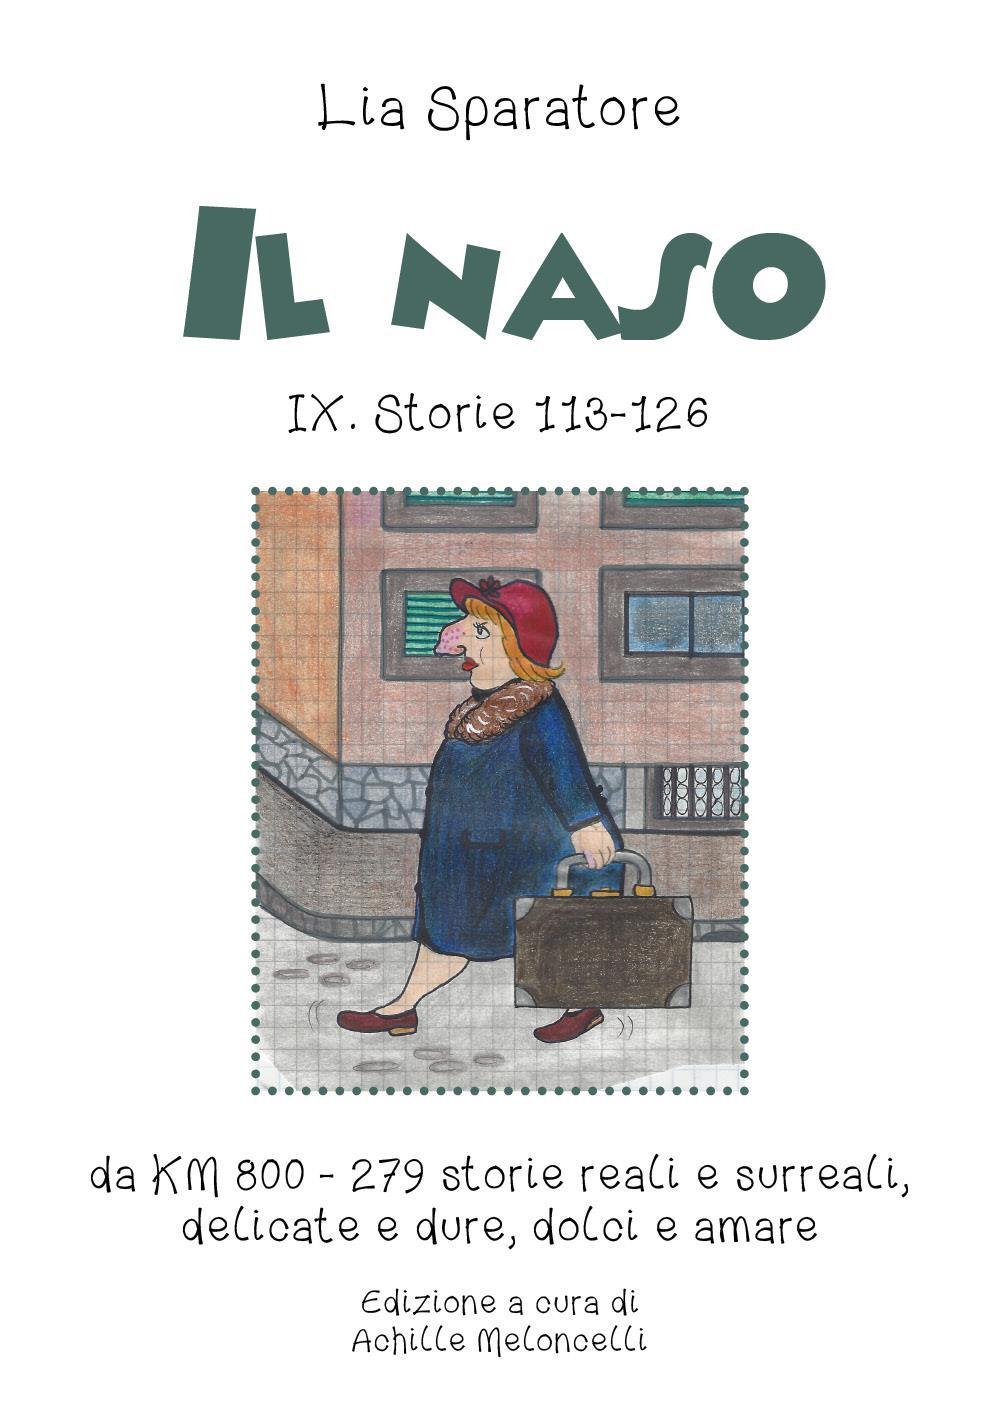 Il naso IX. Storie 113-126 da KM 800 - 279 Storie reali e surreali, delicate e dure, dolci e amare